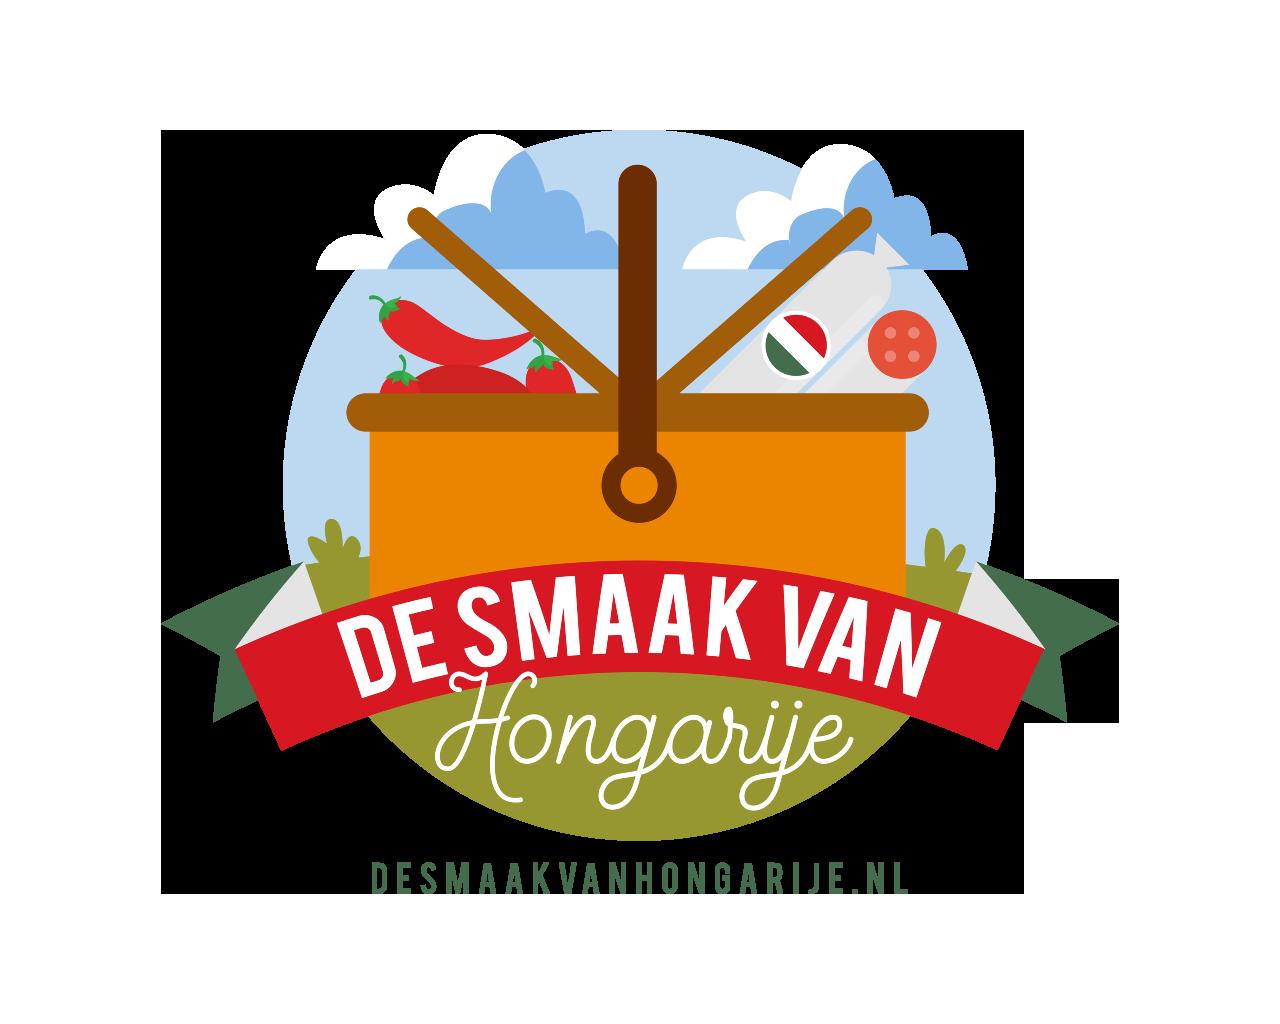 logo de smaak van Hongarije